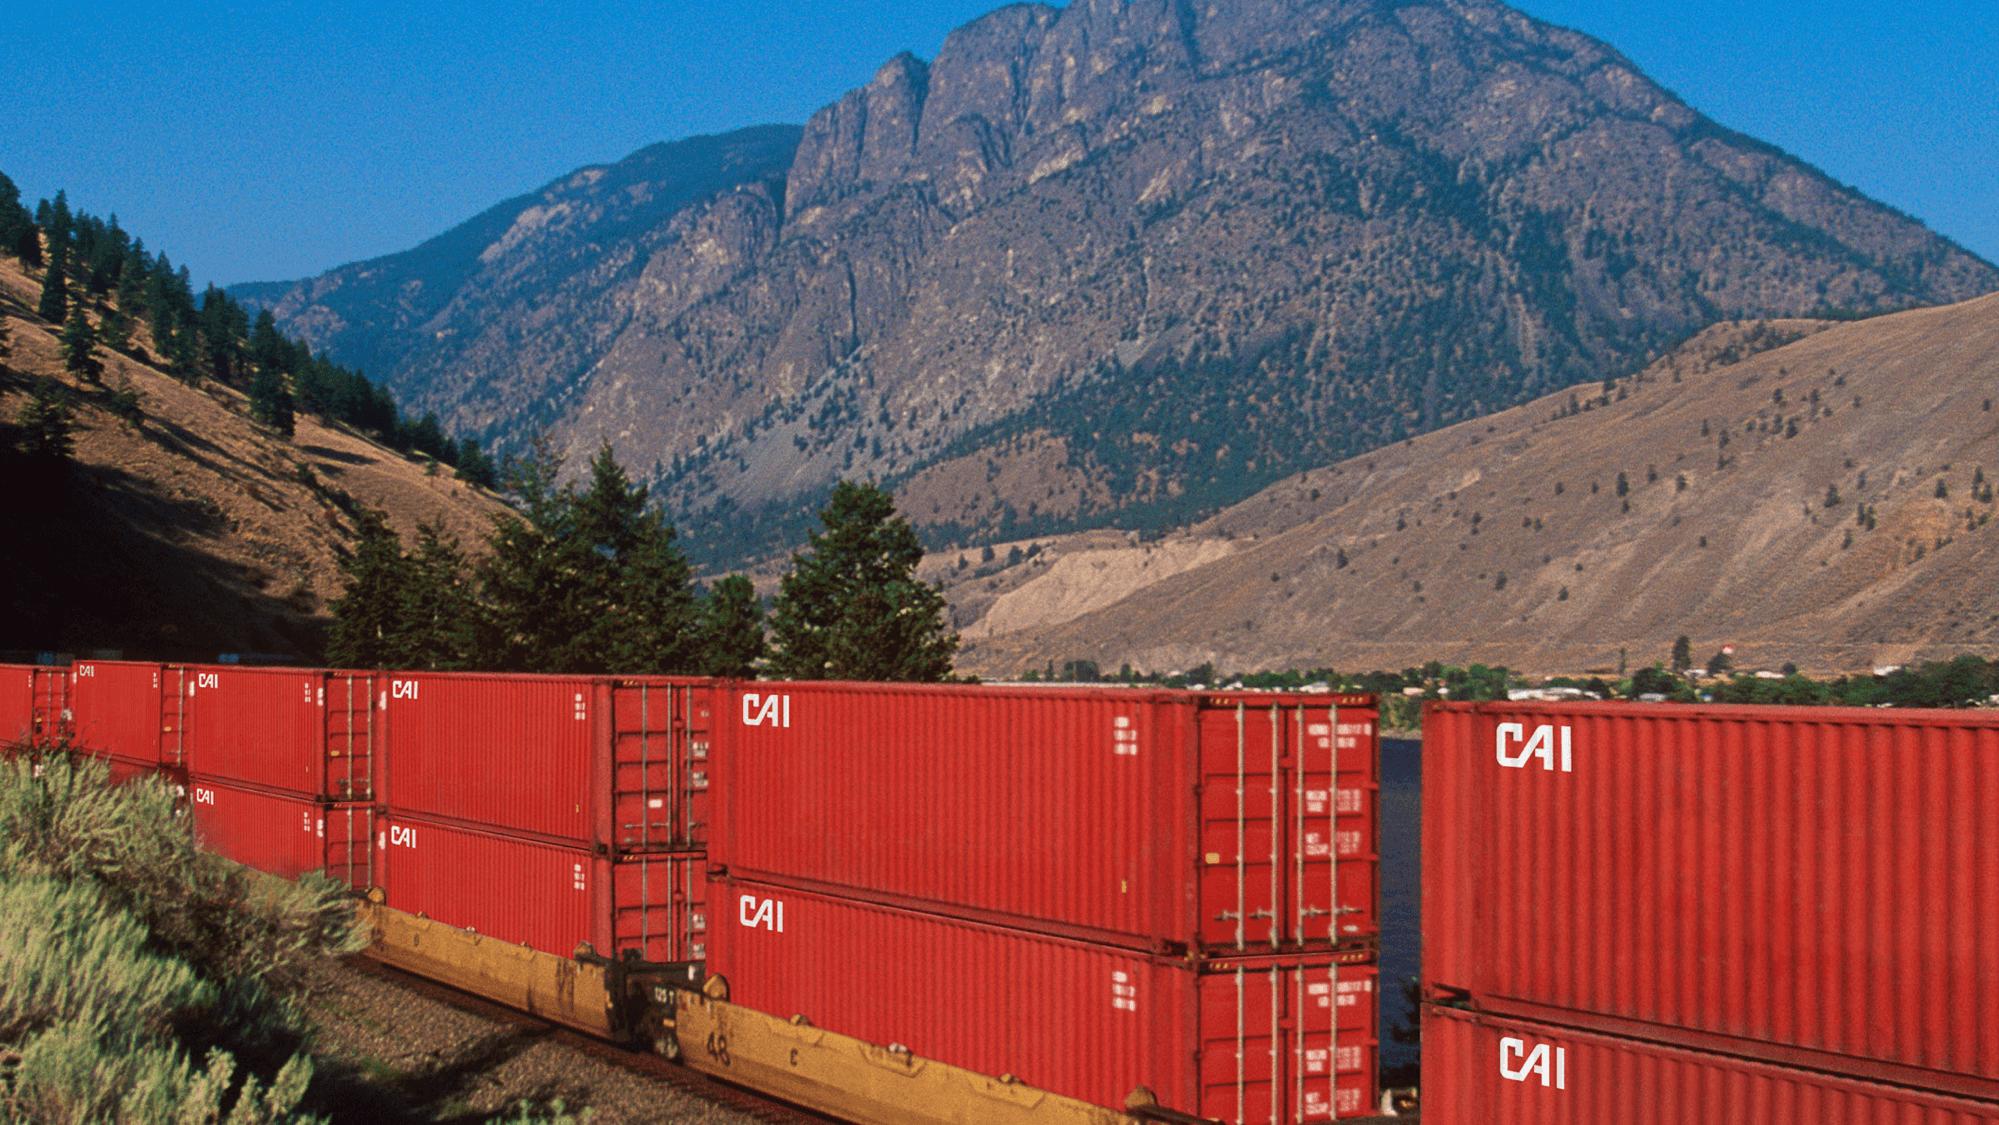 CAI container